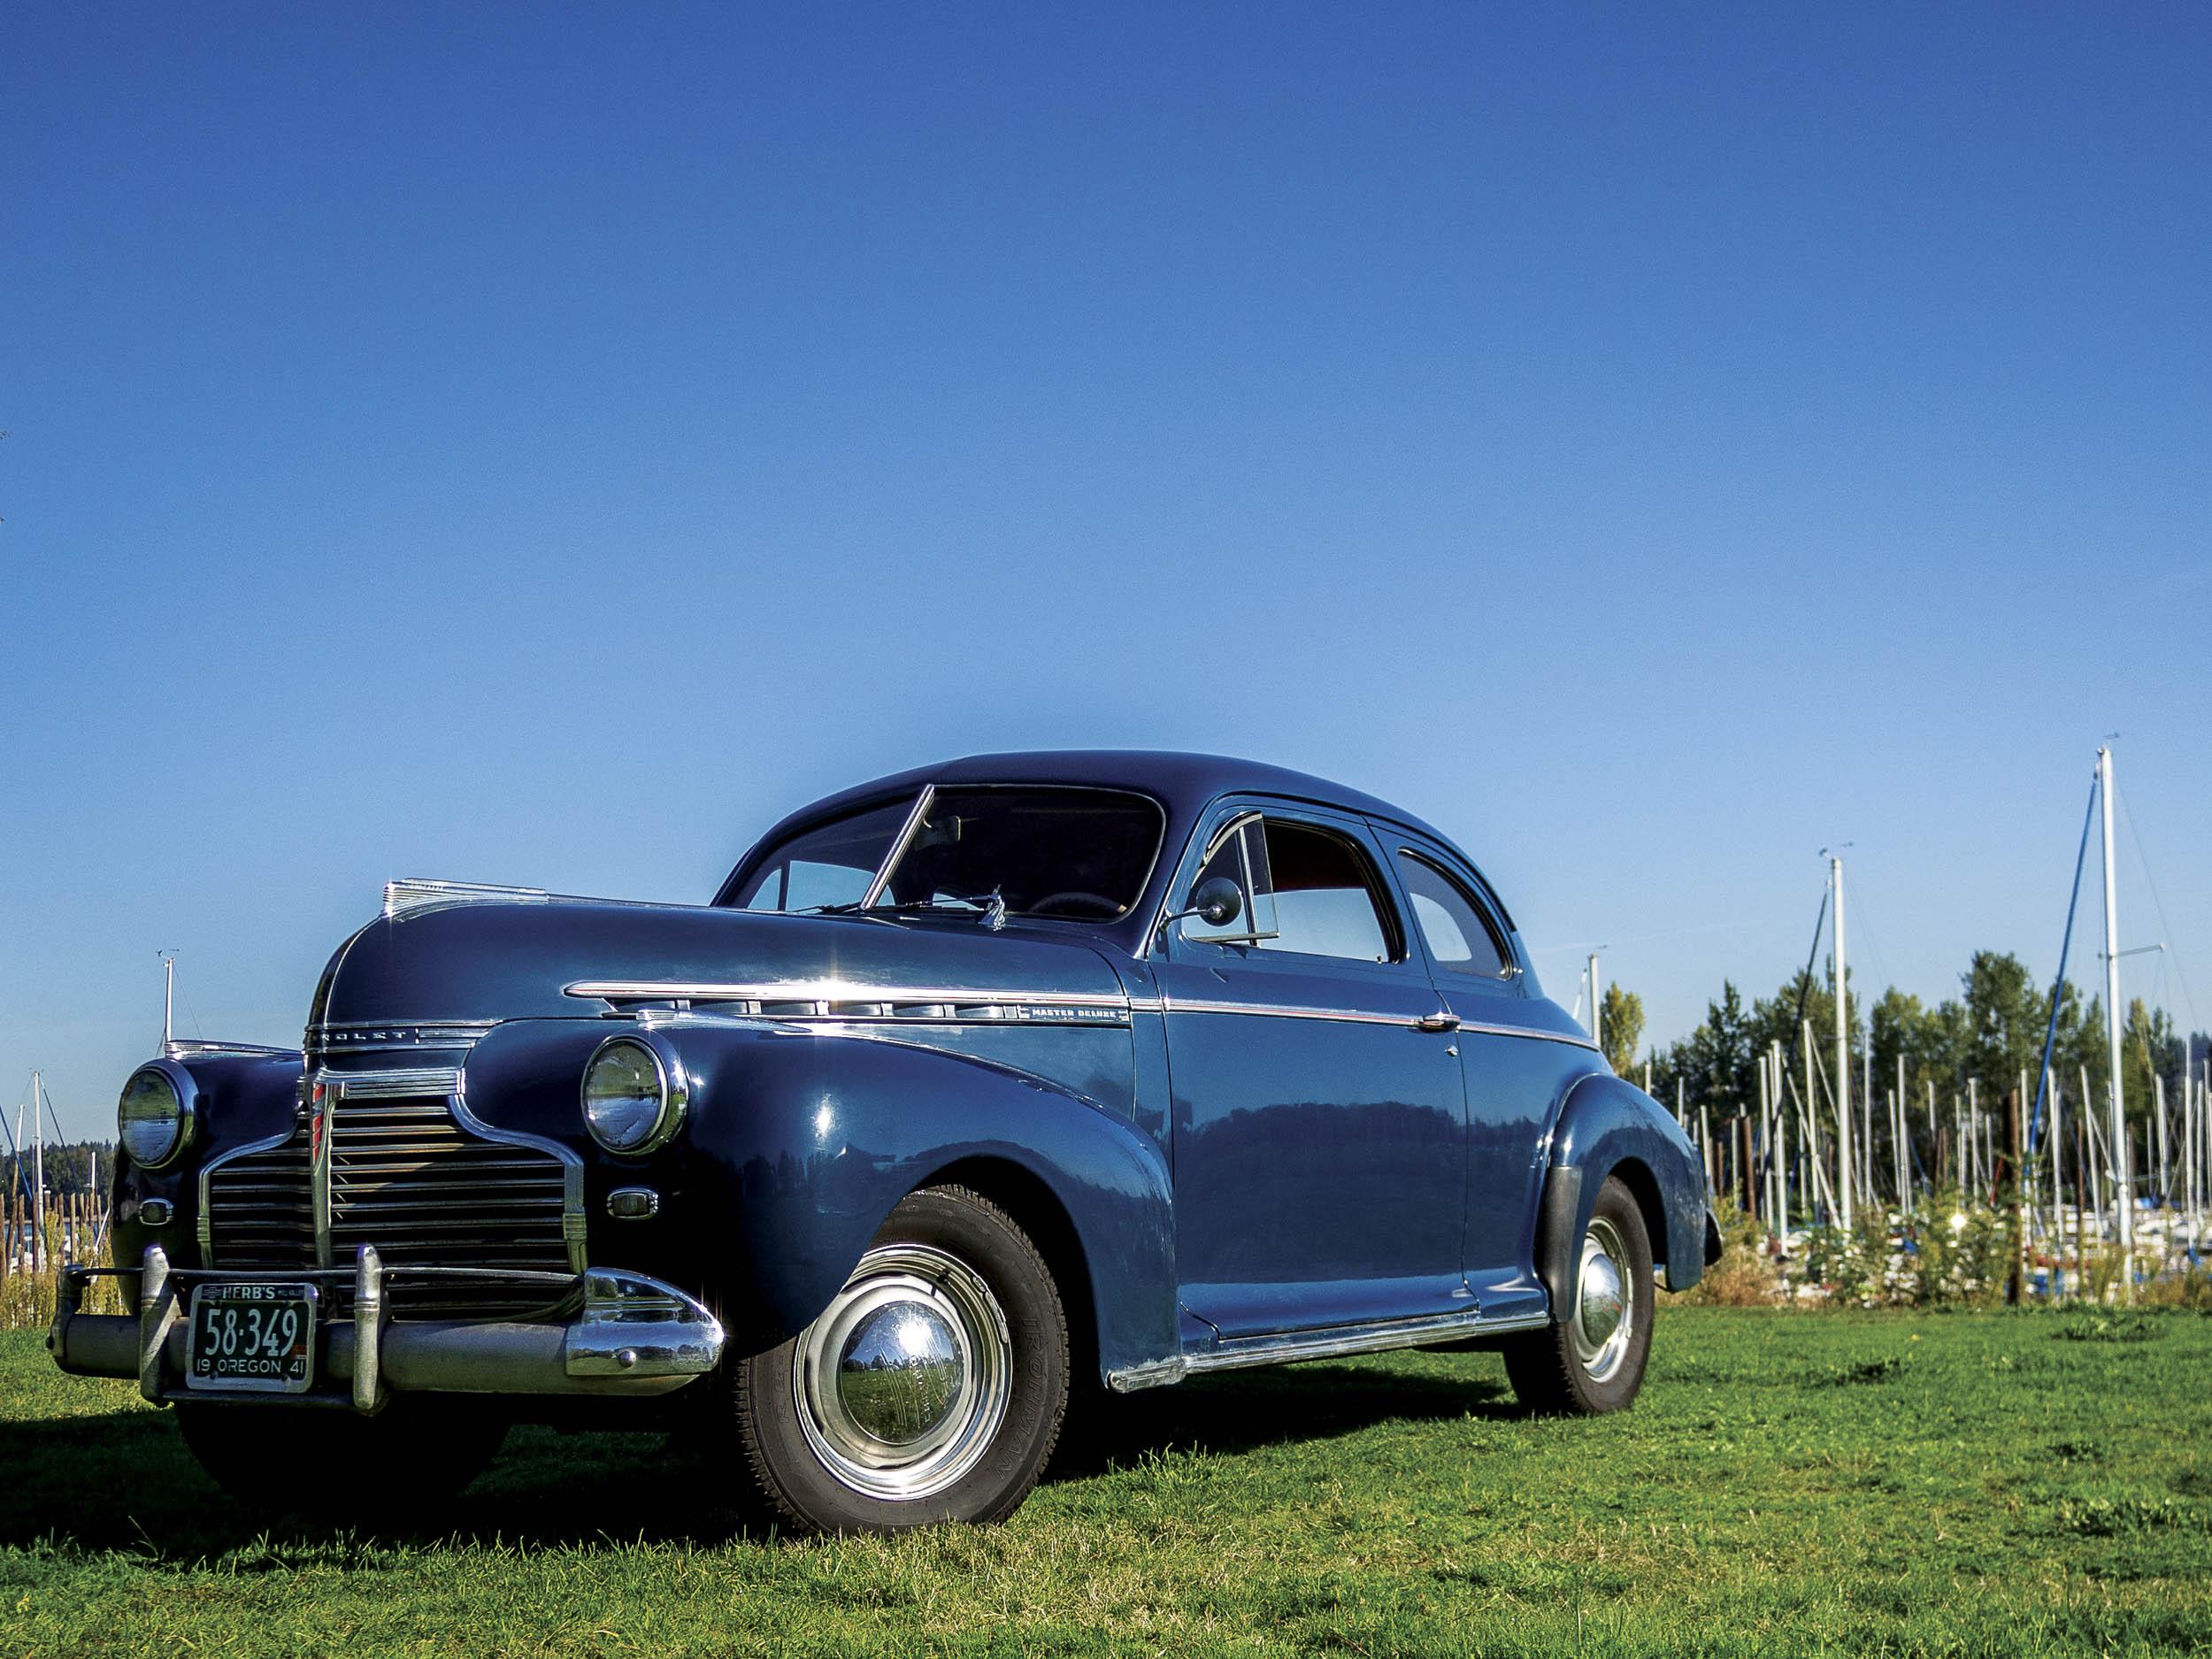 Scott Rich's 1941 Chevy